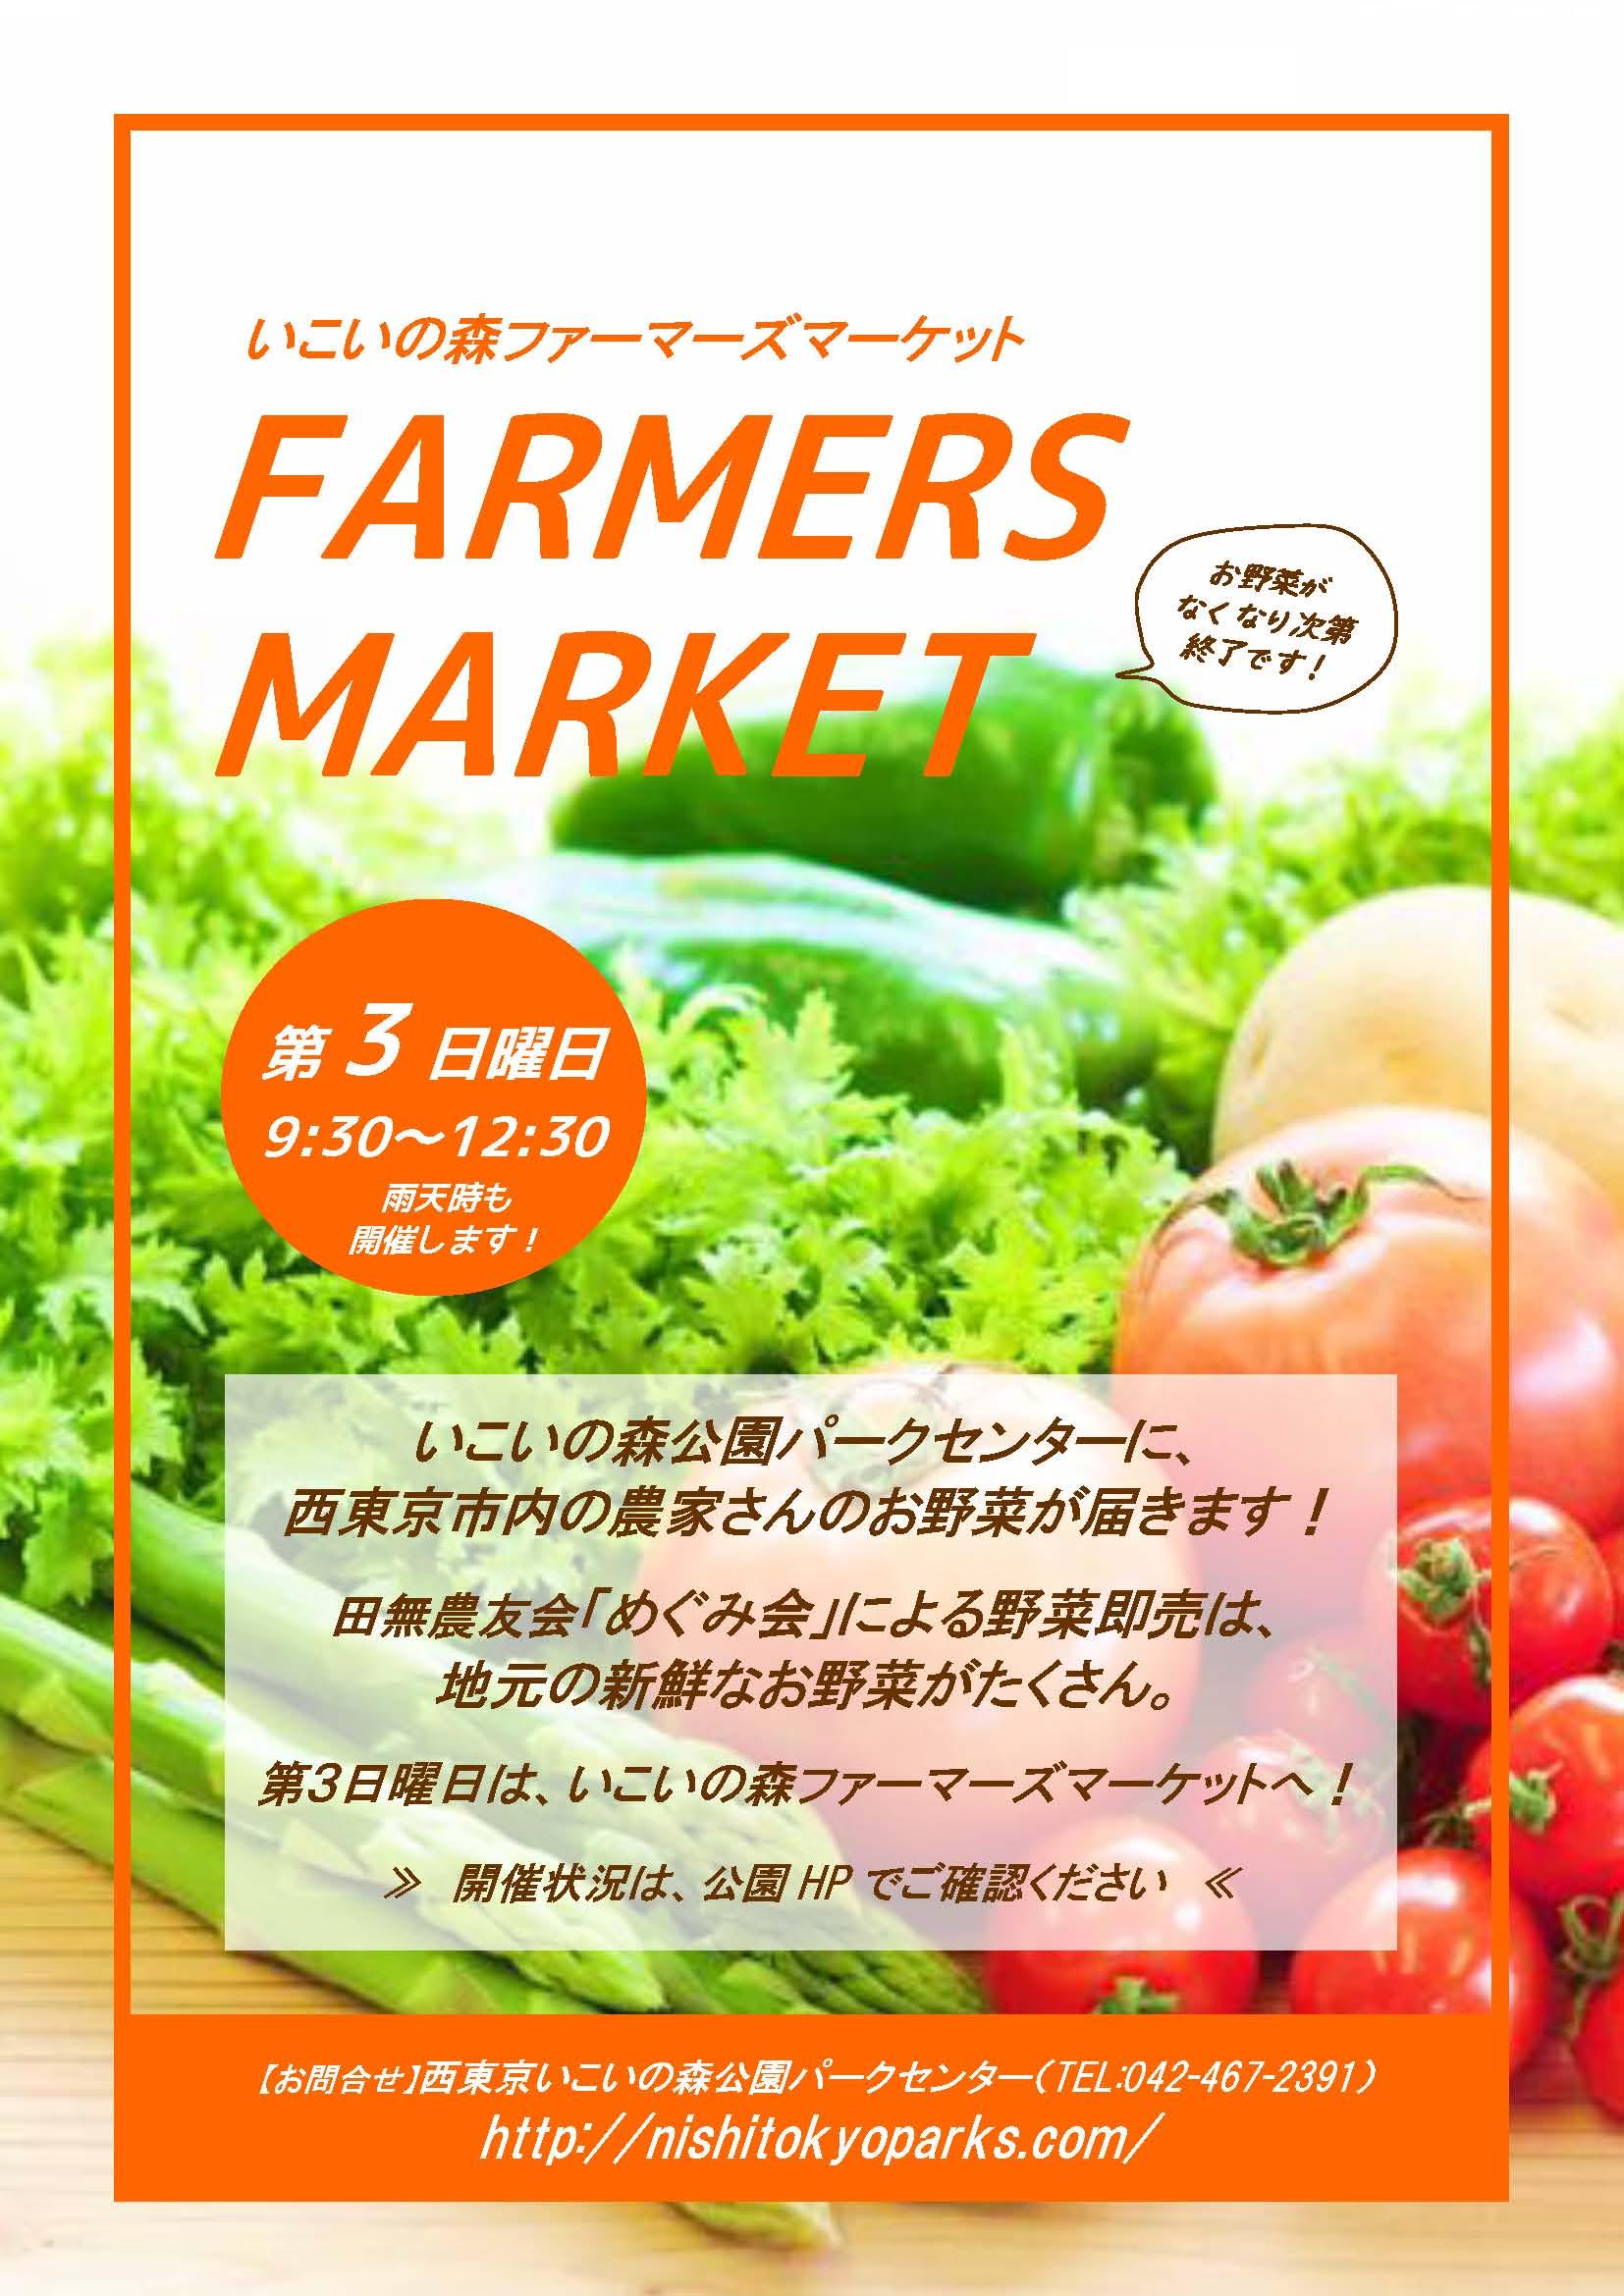 ファーマーズマーケットチラシ【 定期開催】_280806